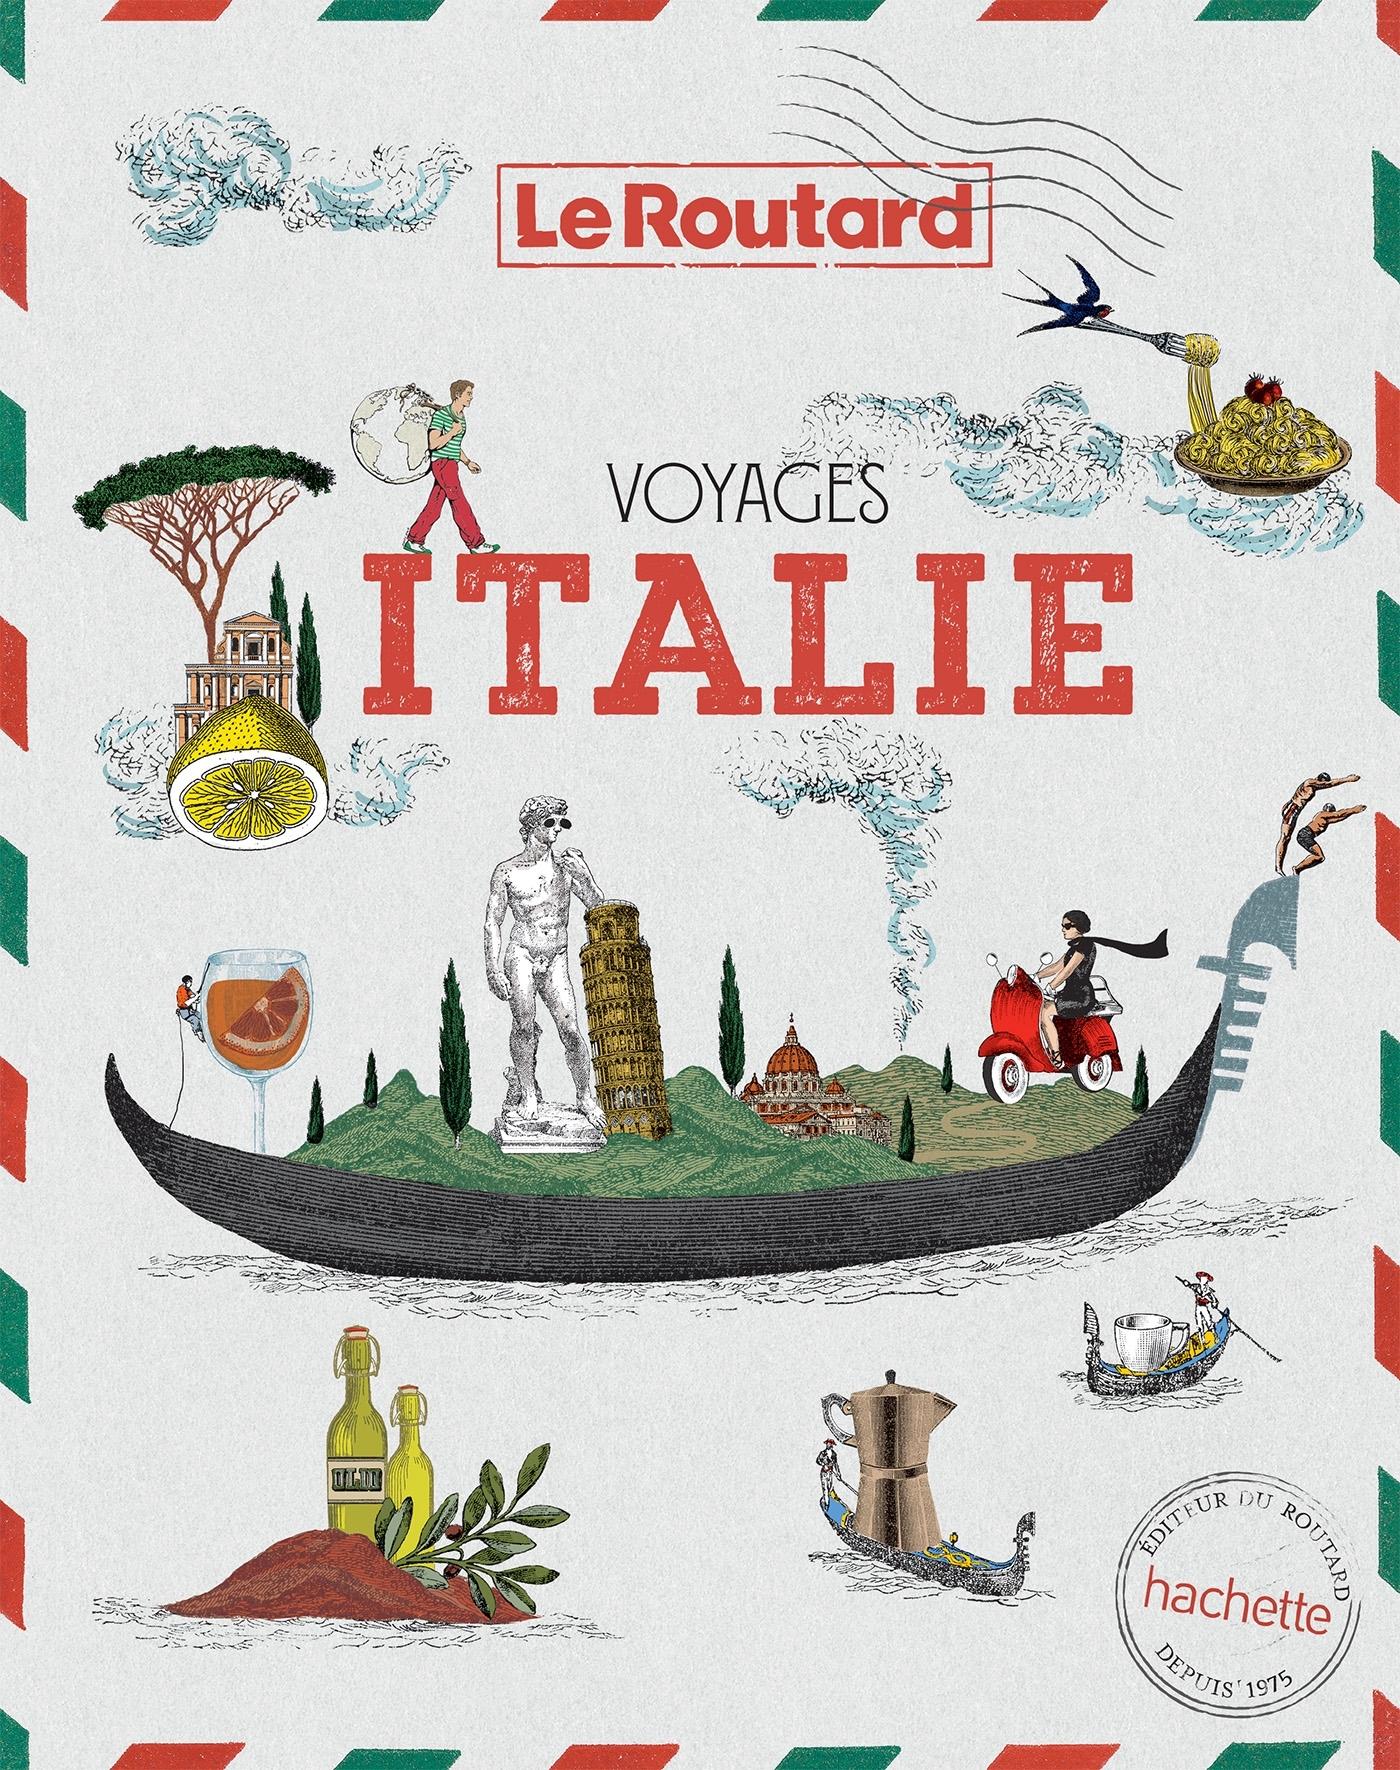 VOYAGES - ITALIE, TOUT UN MONDE A EXPLORER